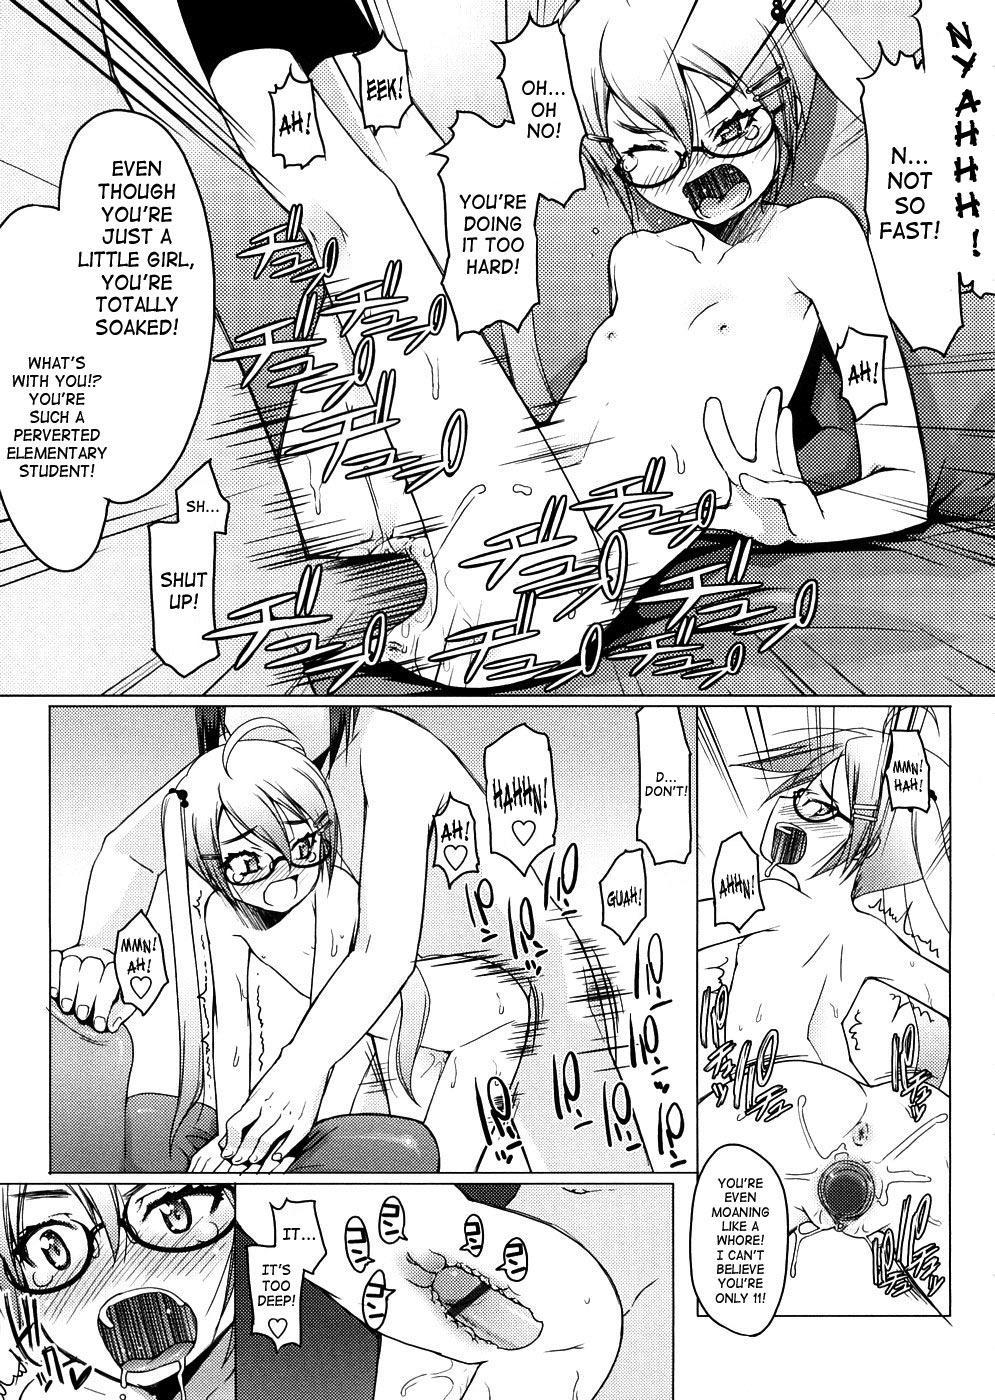 [Asaki Takayuki] Sho-Pan!! Ch.1-9 [English] [SaHa] 68